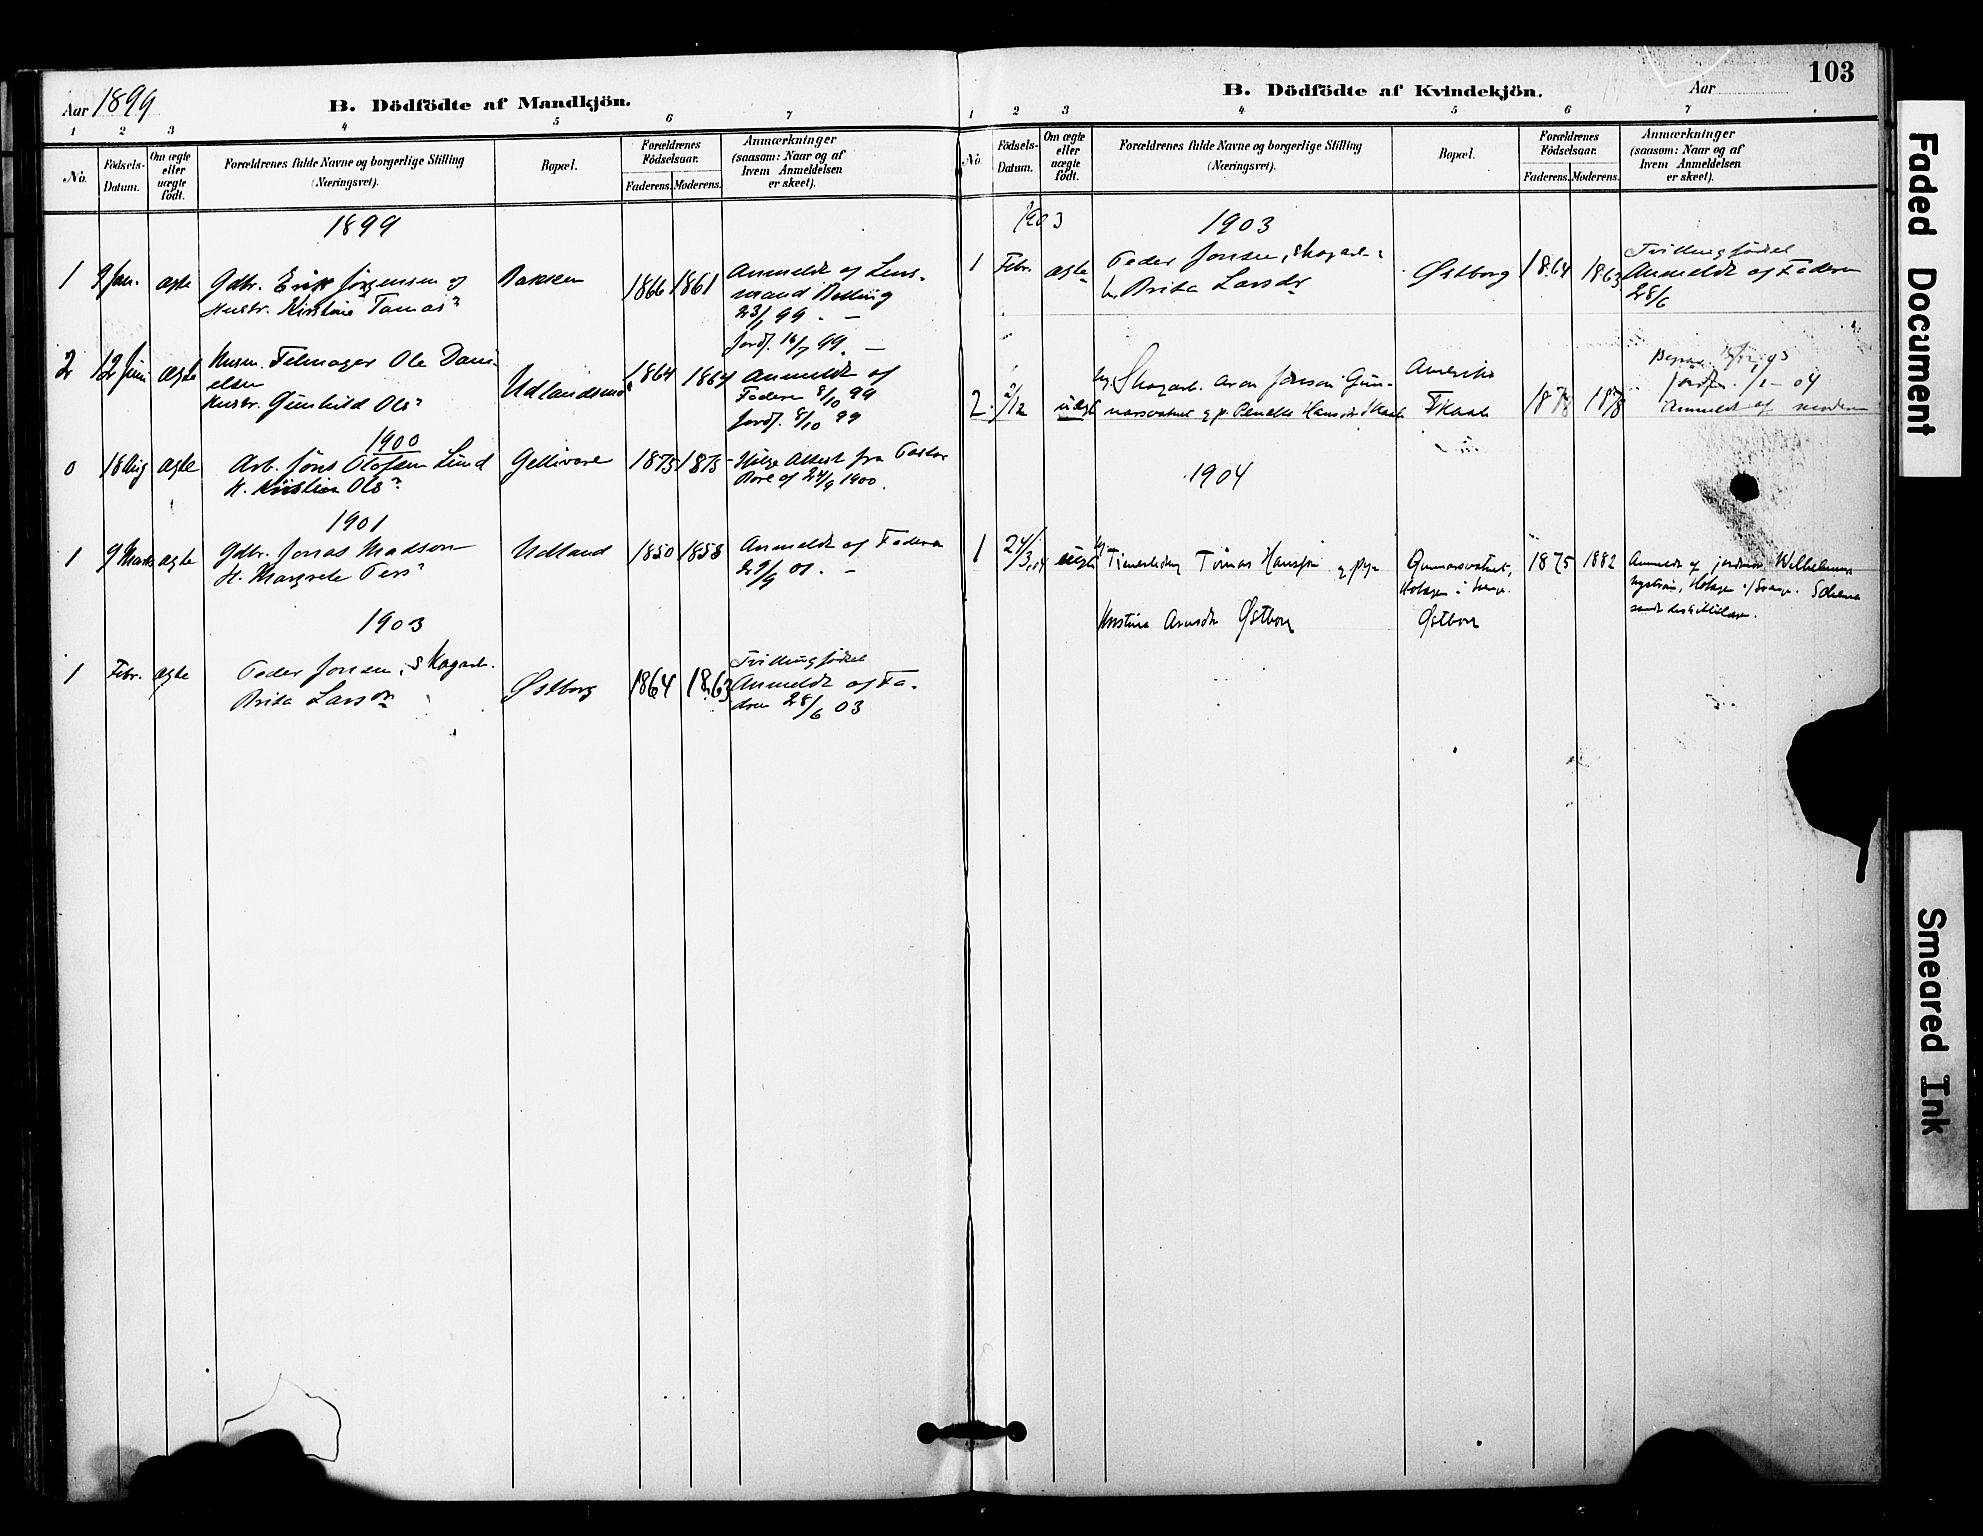 SAT, Ministerialprotokoller, klokkerbøker og fødselsregistre - Nord-Trøndelag, 757/L0505: Ministerialbok nr. 757A01, 1882-1904, s. 103